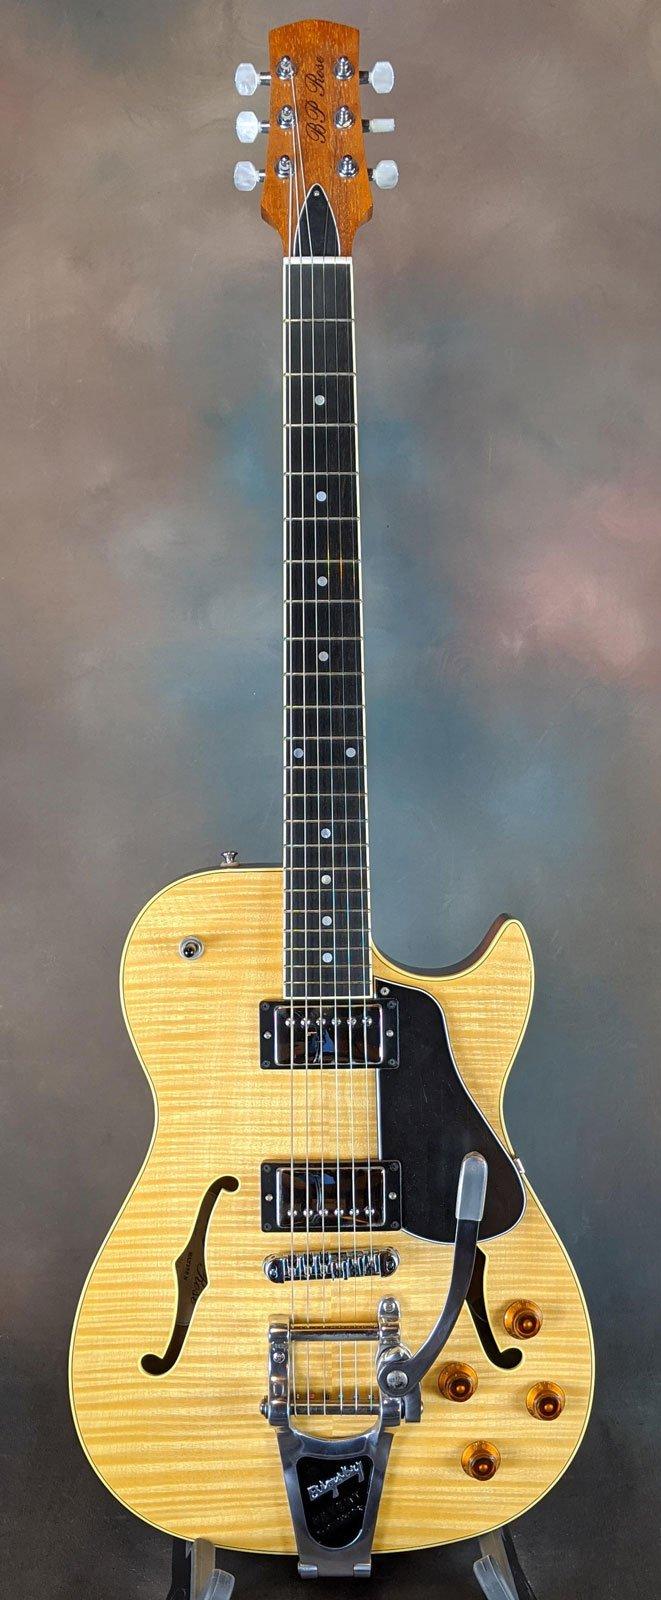 BP Rose MAX135 NAT Semi-Hollow Electric Guitar, Natural Finish